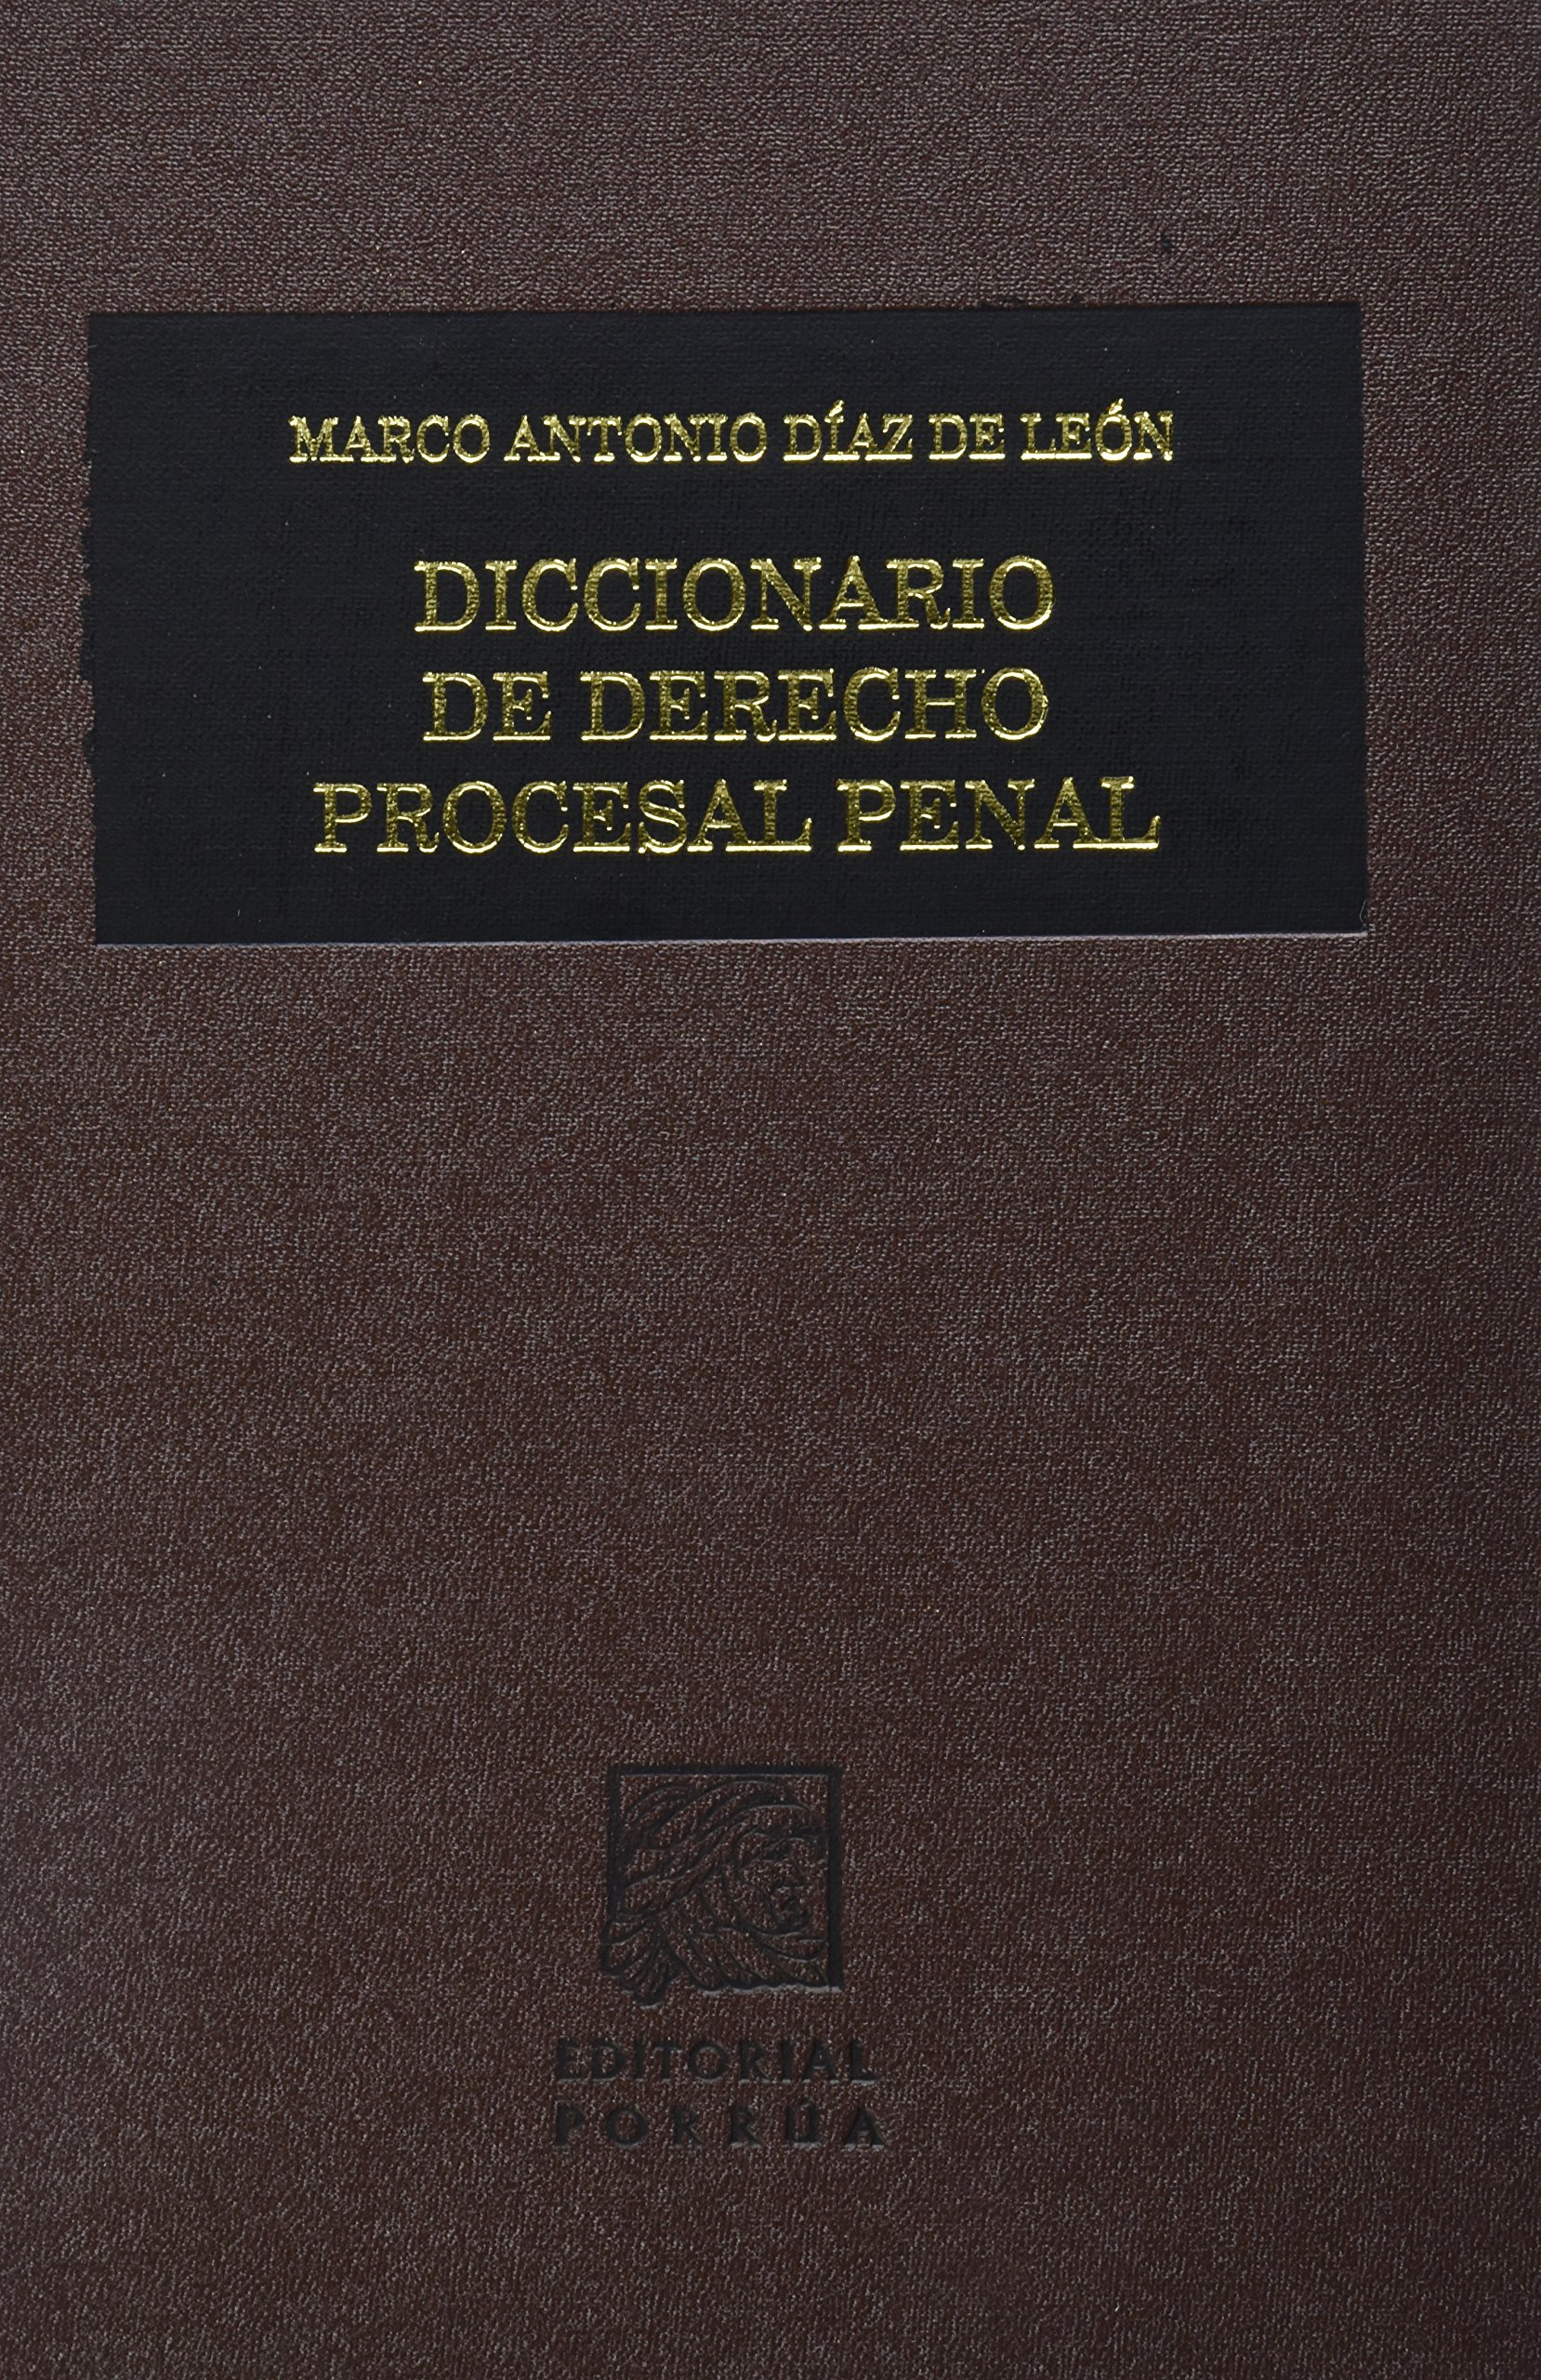 DICCIONARIO DE DERECHO PROCESAL PENAL 1-2: MARCO ANTONIO DIAZ DE ...